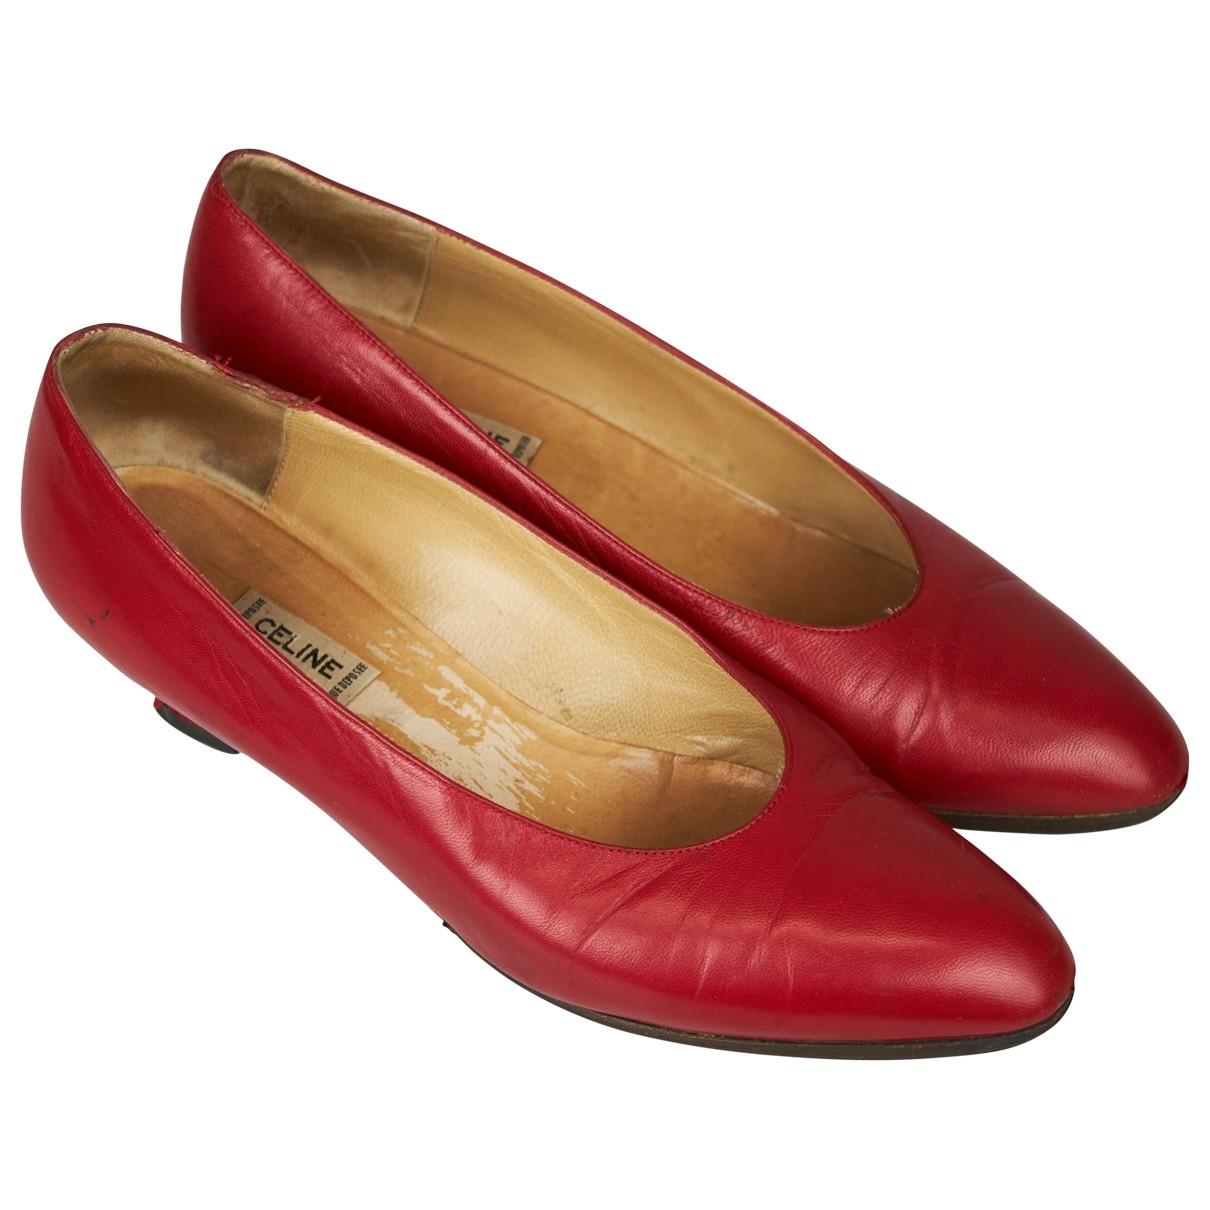 Celine \N Pumps in  Rot Leder